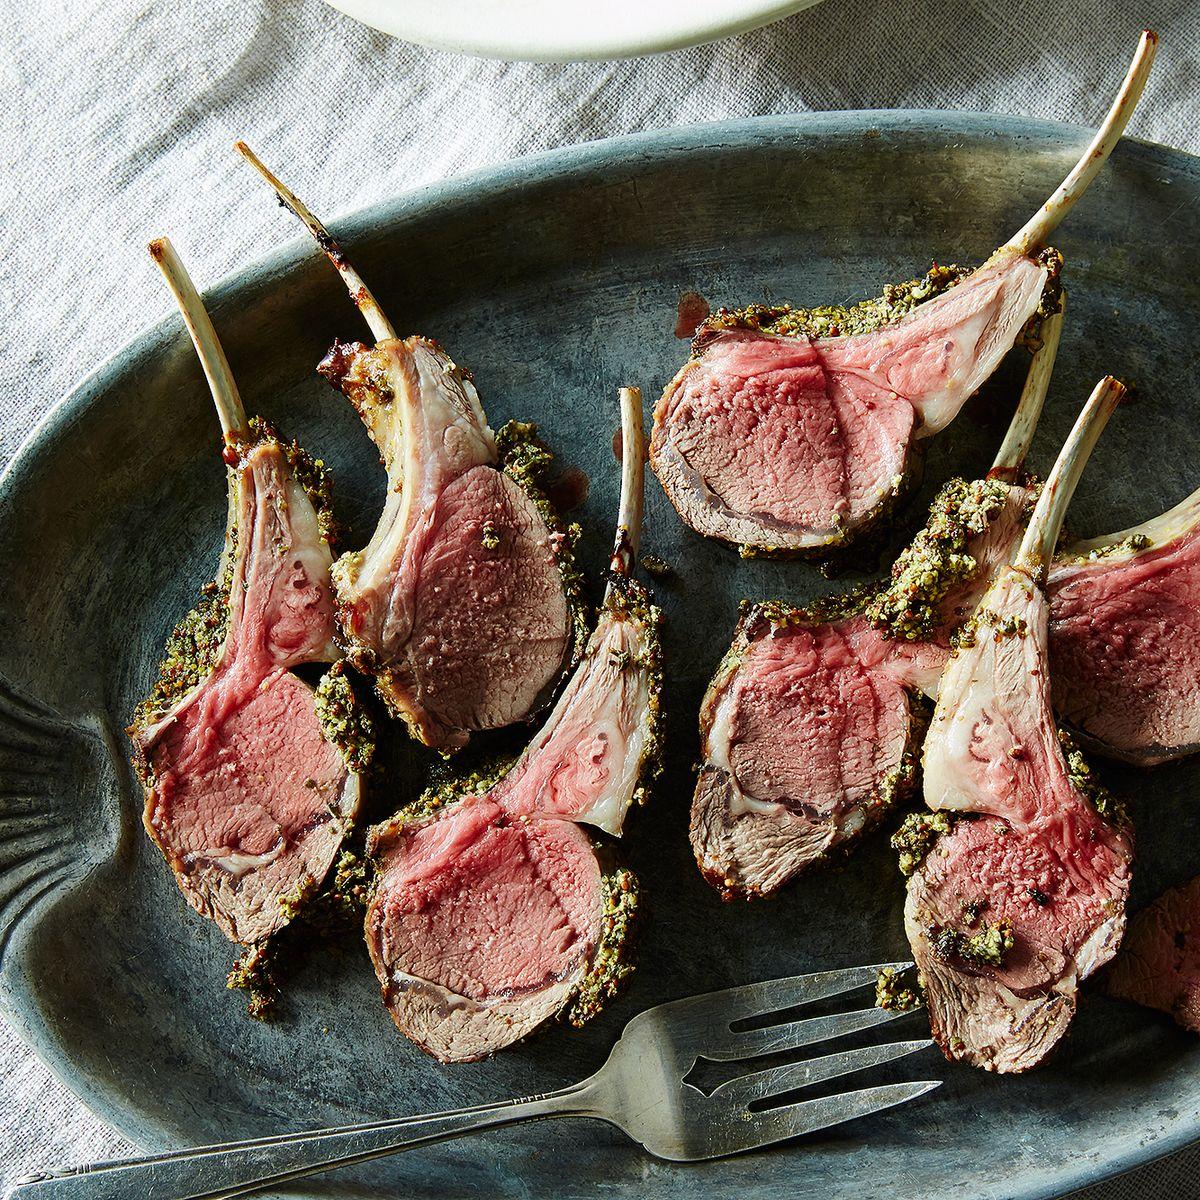 lamb shoulder chop recipe gordon ramsay Herb and Mustard-Crusted Rack of Lamb